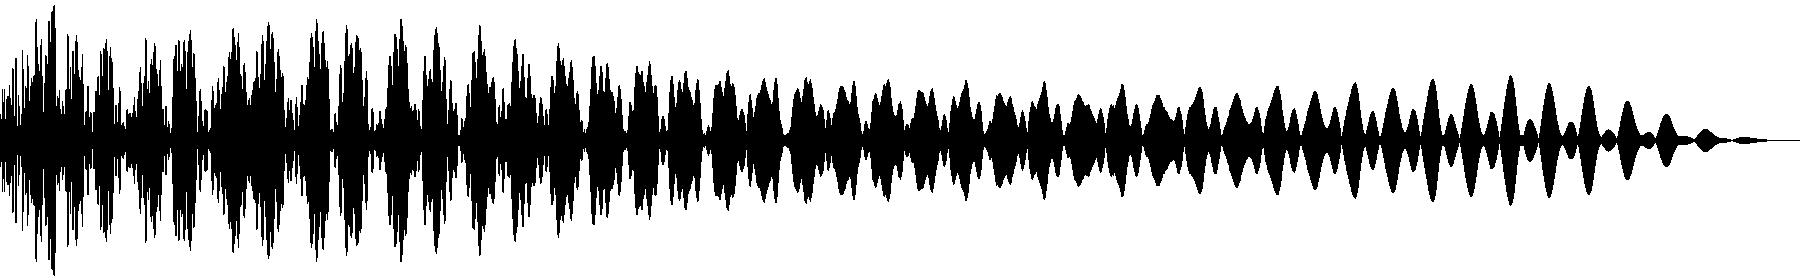 vedh bass cut 079 f